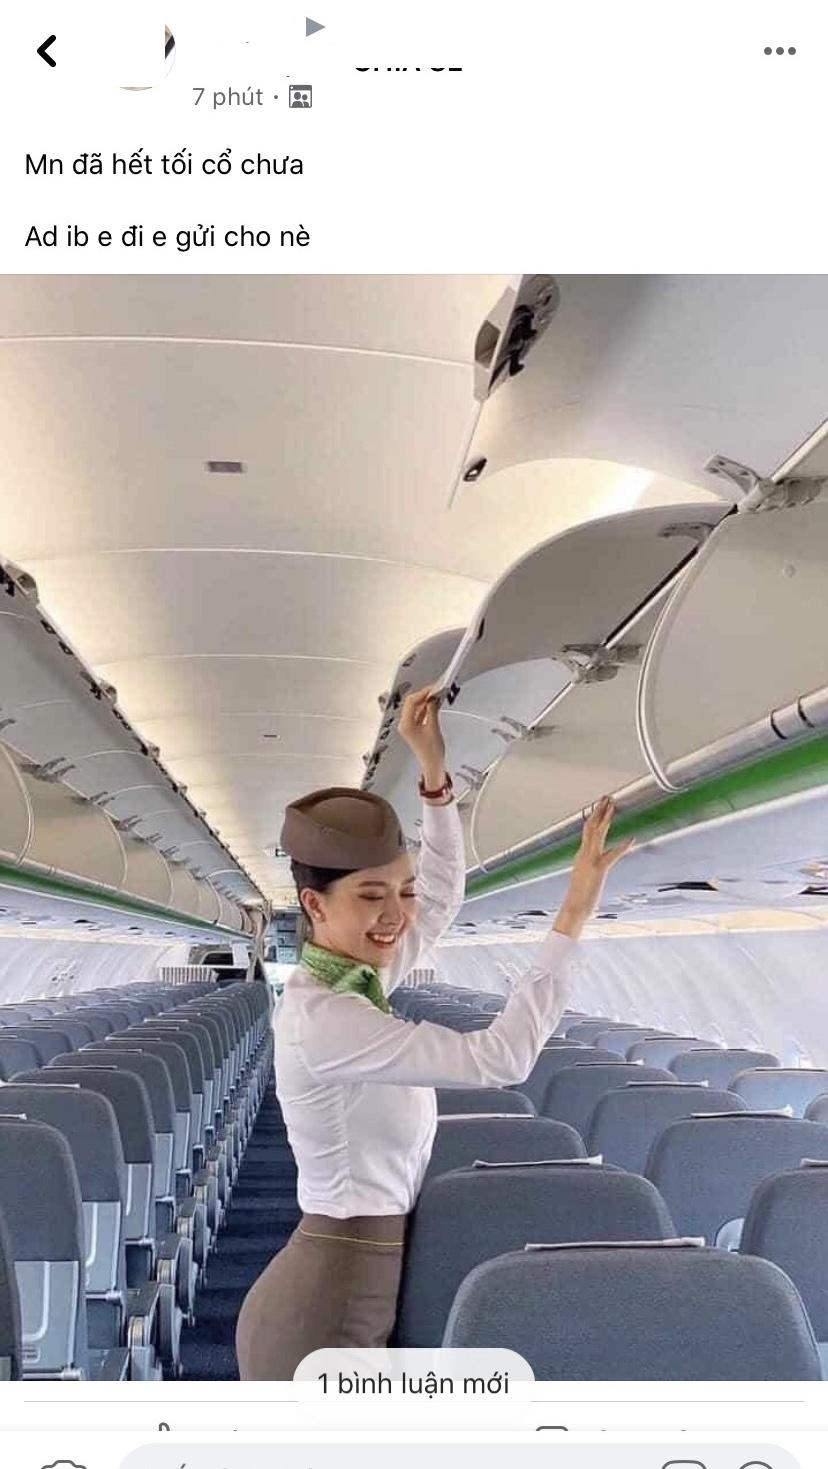 Tiếp viên hàng không Bamboo